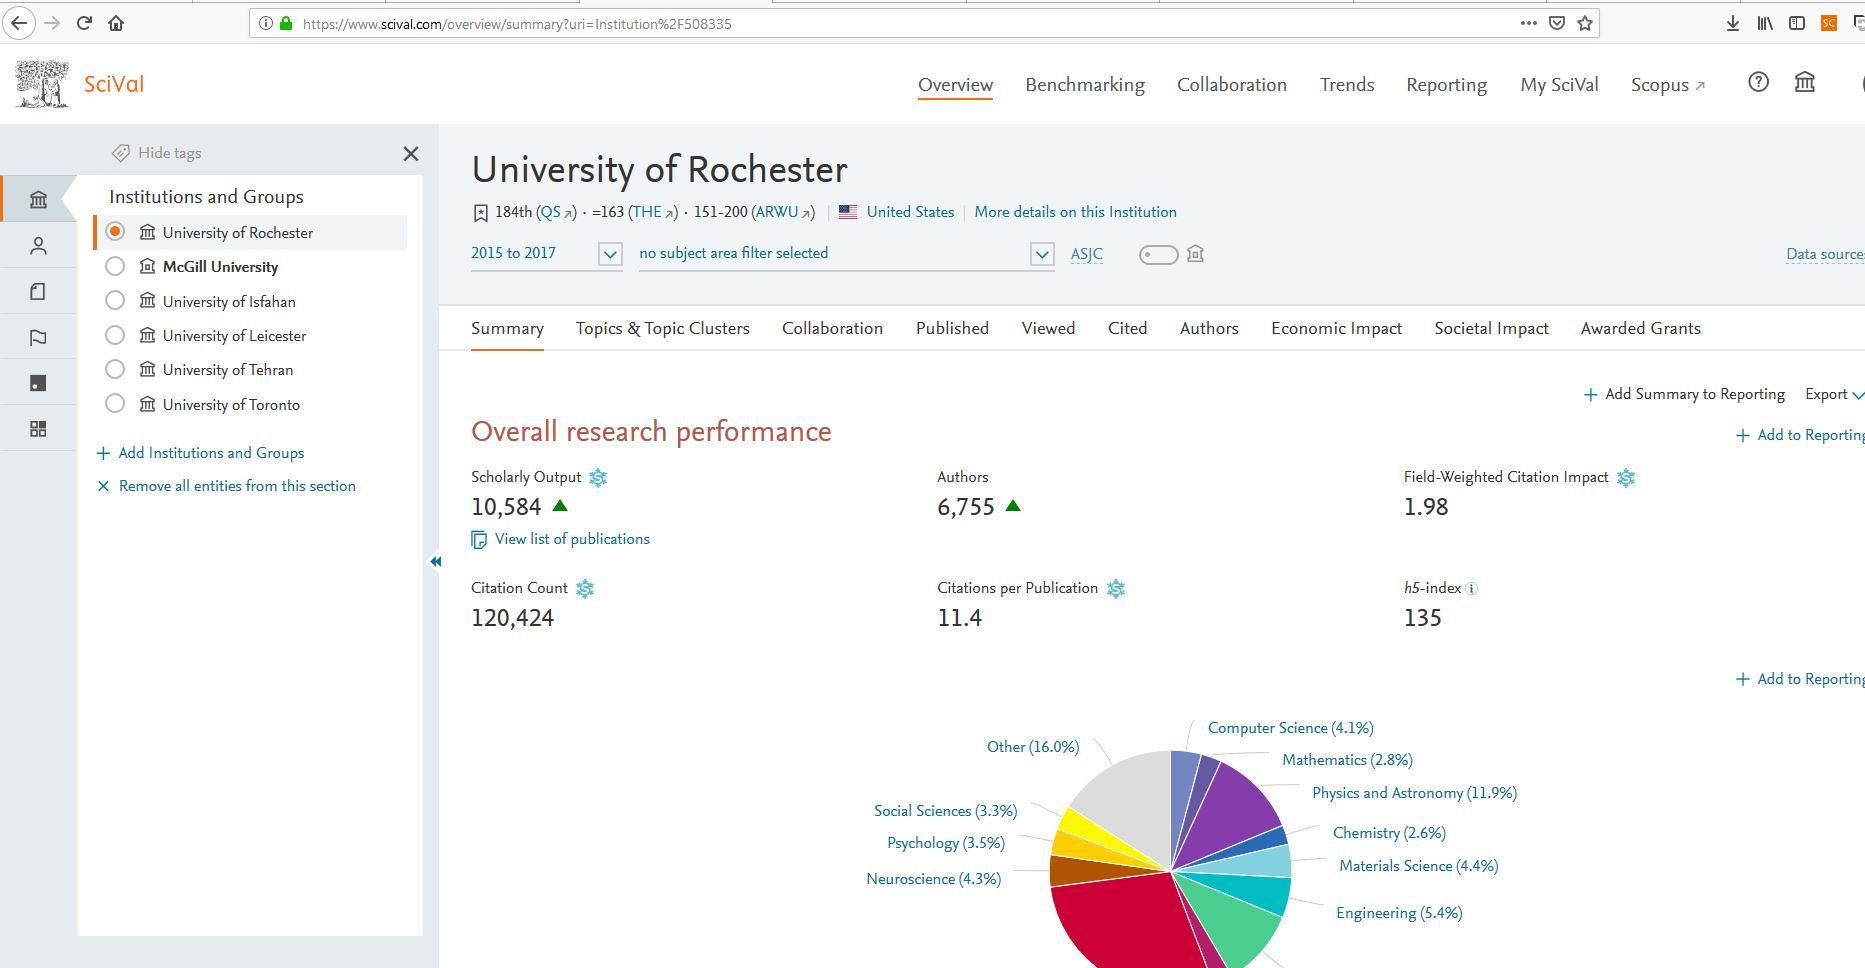 یوزر و پسورد سای ول معرفی SciVal اکانت سای ول امکان دسترسی مستقیم به SciVal دسترسی به پایگاه SciVal ابزارهای علم سنجی برای ارزیابی عملکرد پژوهشی Impact